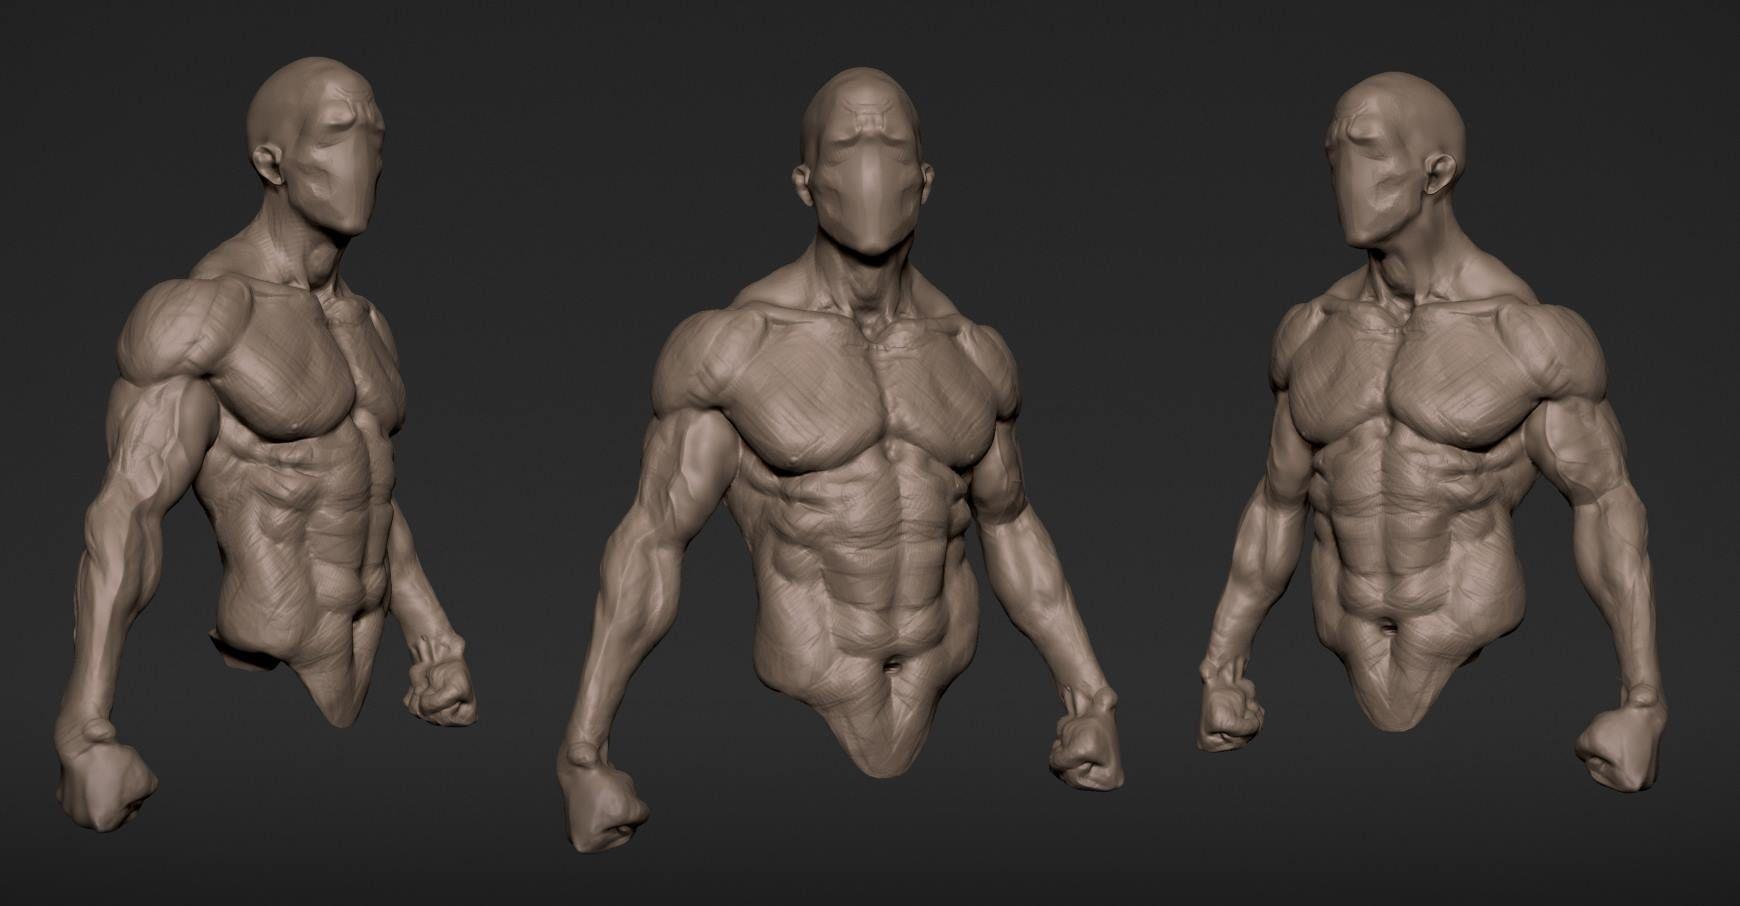 automob 3d anatomy tutorial - HD1740×906